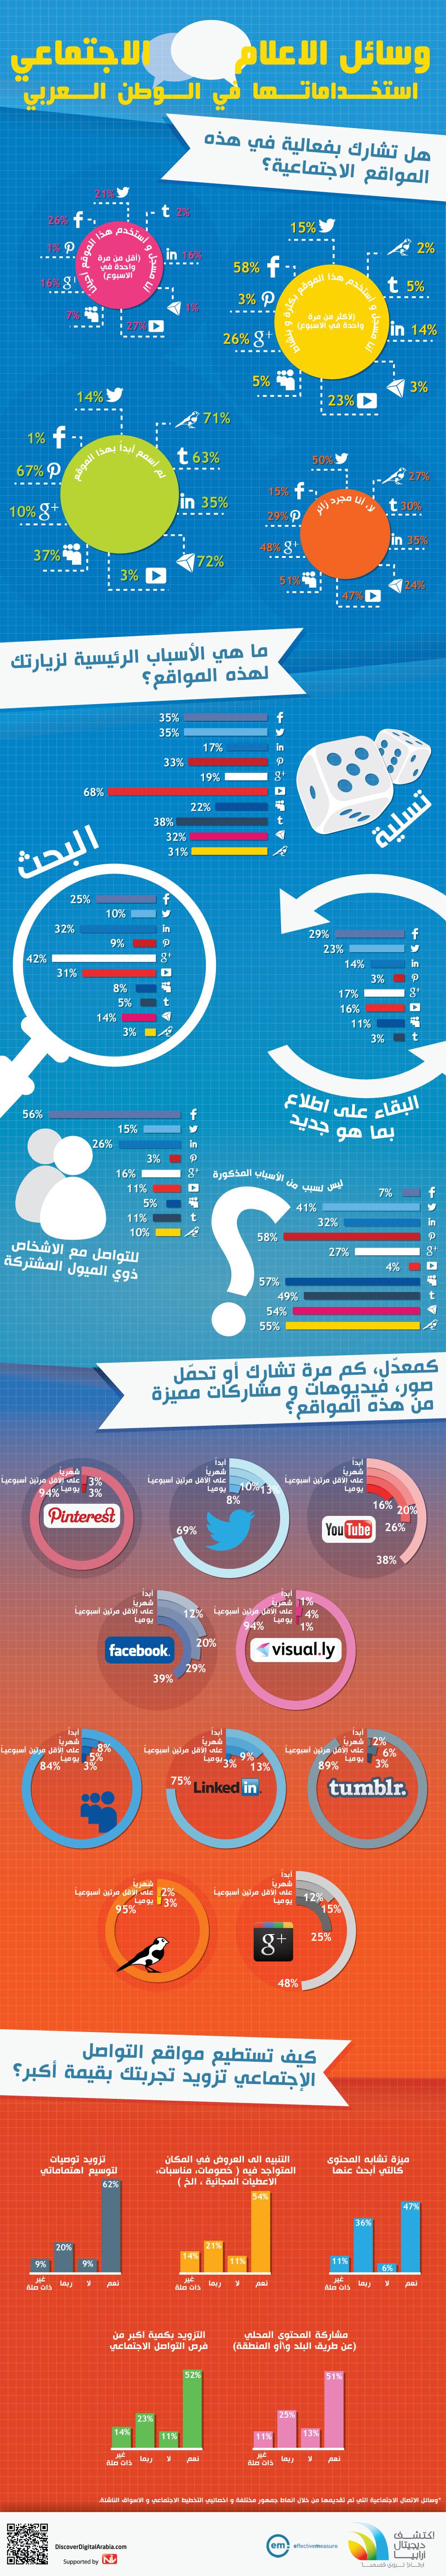 أنفوجرافيك وسائل الإعلام الإجتماعي واستخداماتها